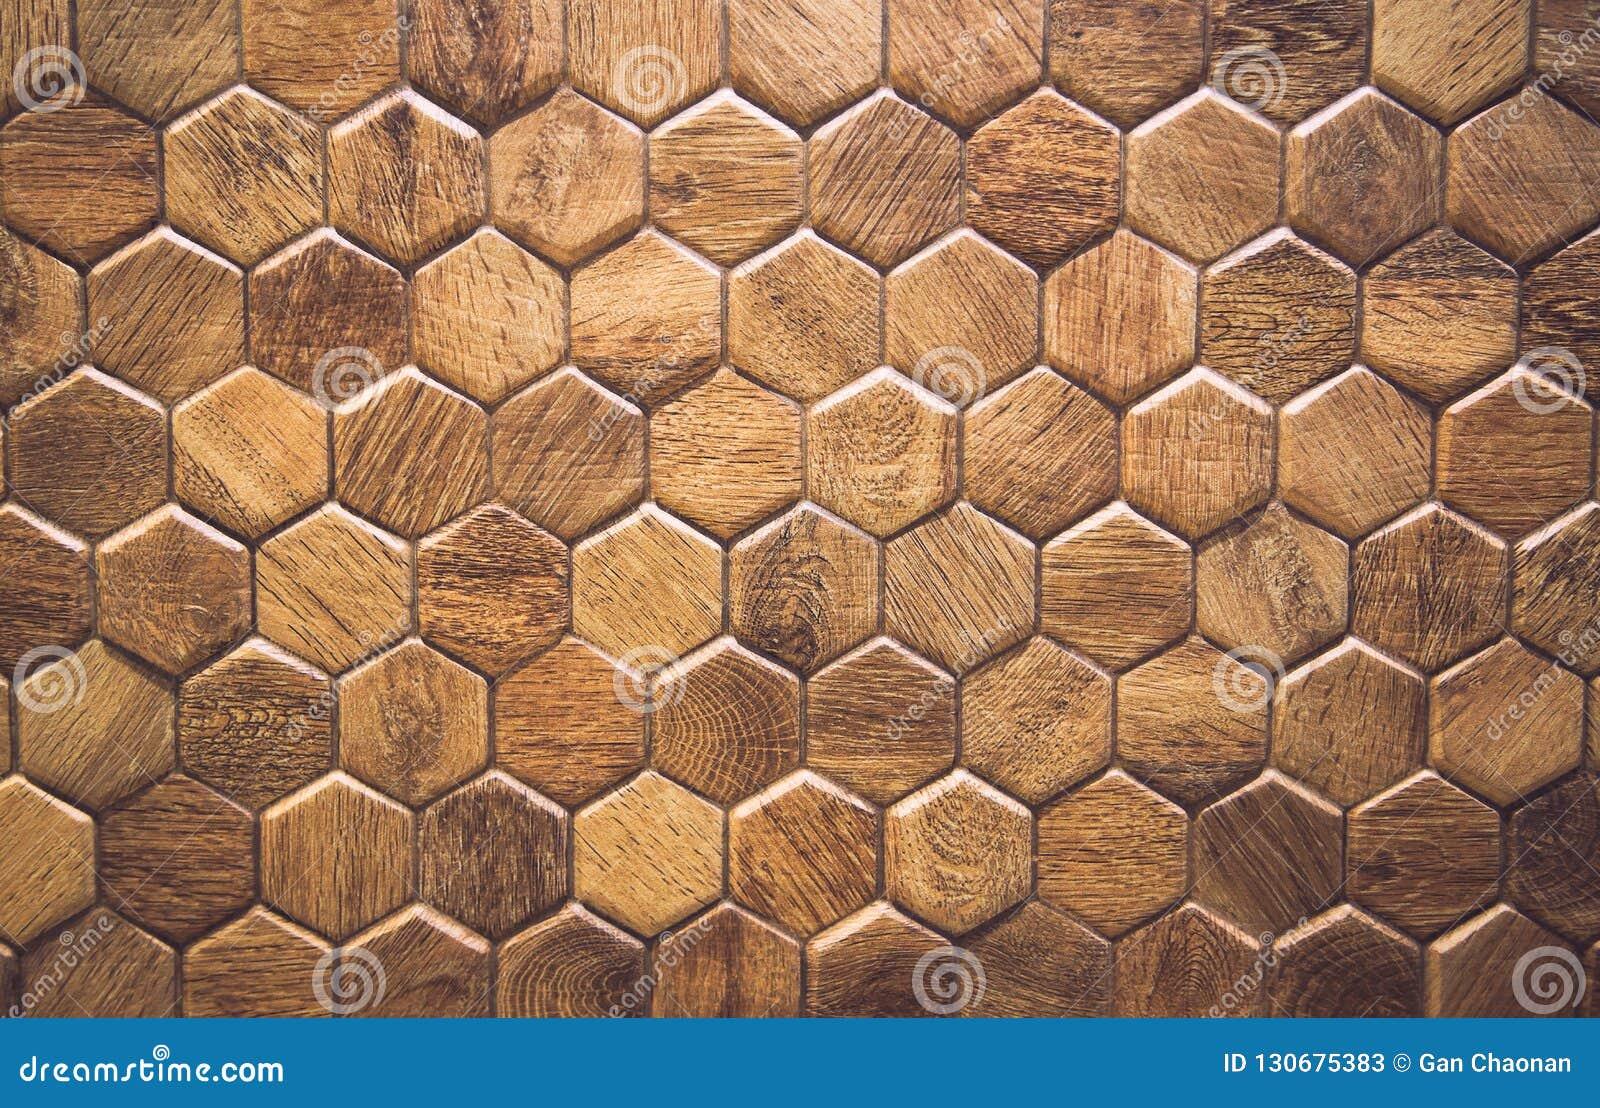 Σύσταση κεραμιδιών με τα στοιχεία Υλική ξύλινη βαλανιδιά